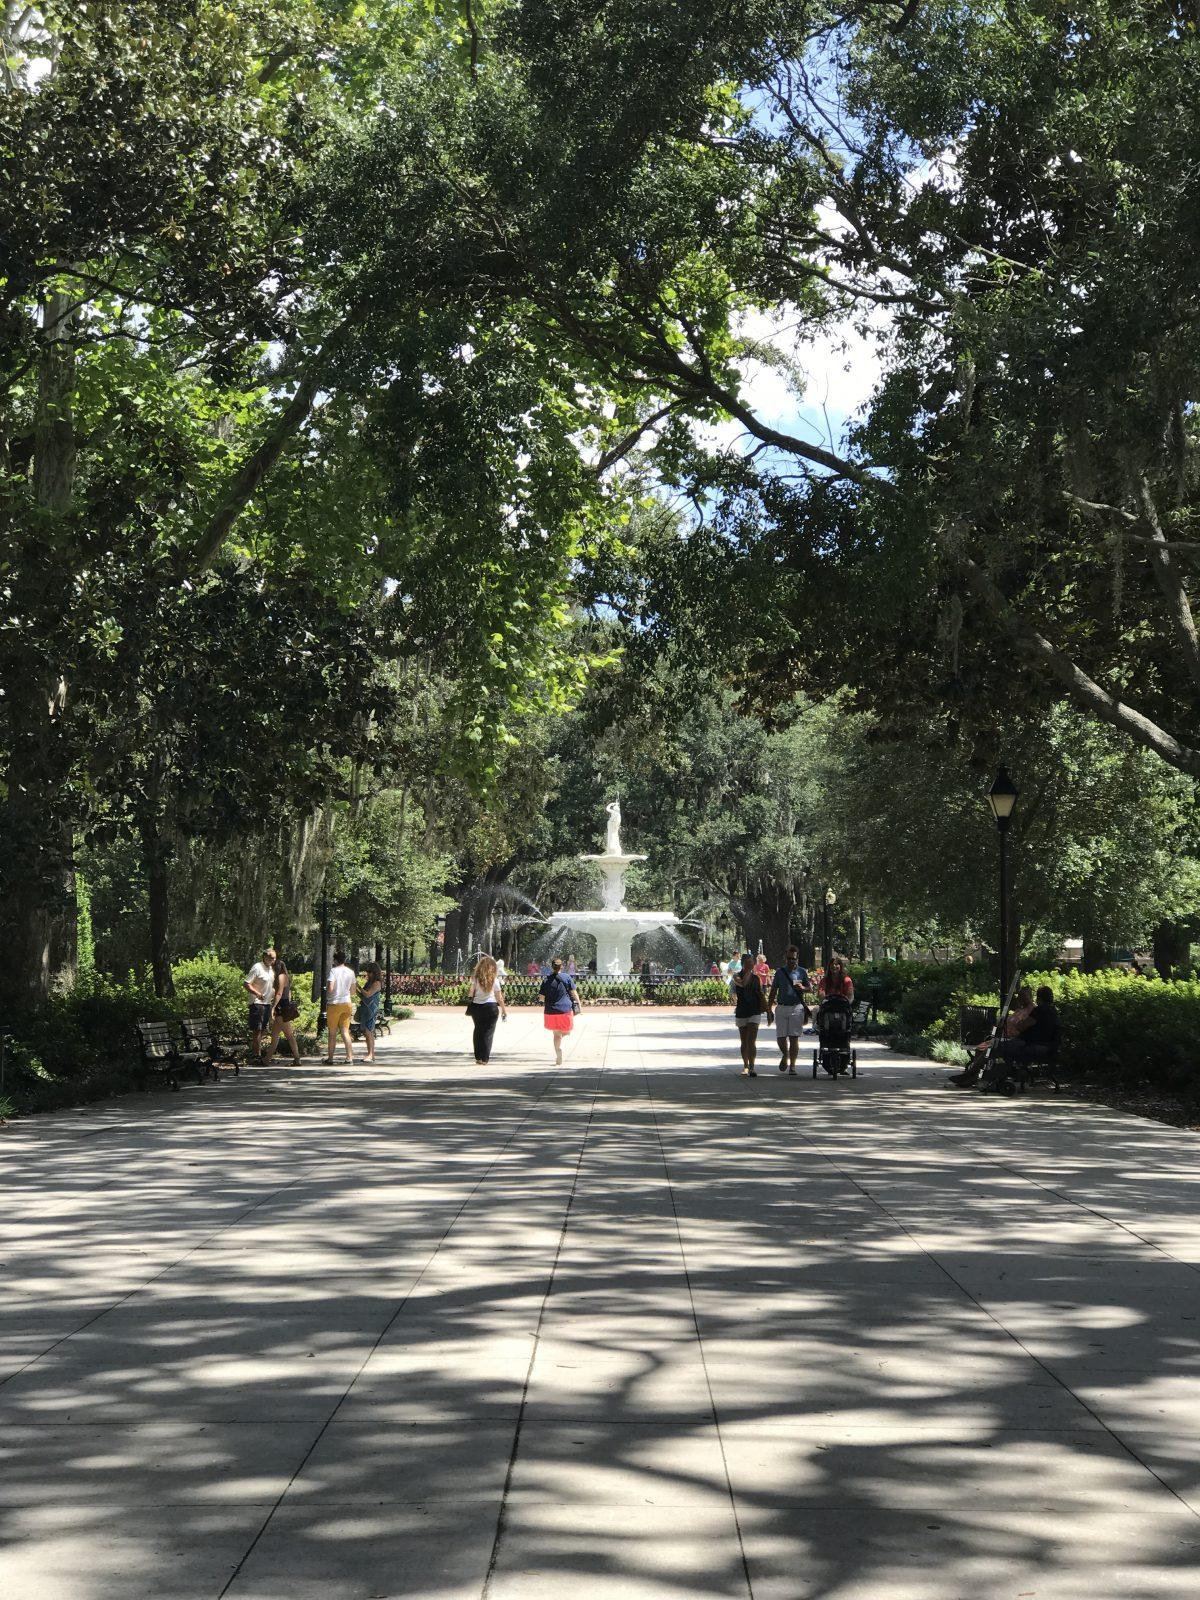 A weekend guide to Savannah, Ga